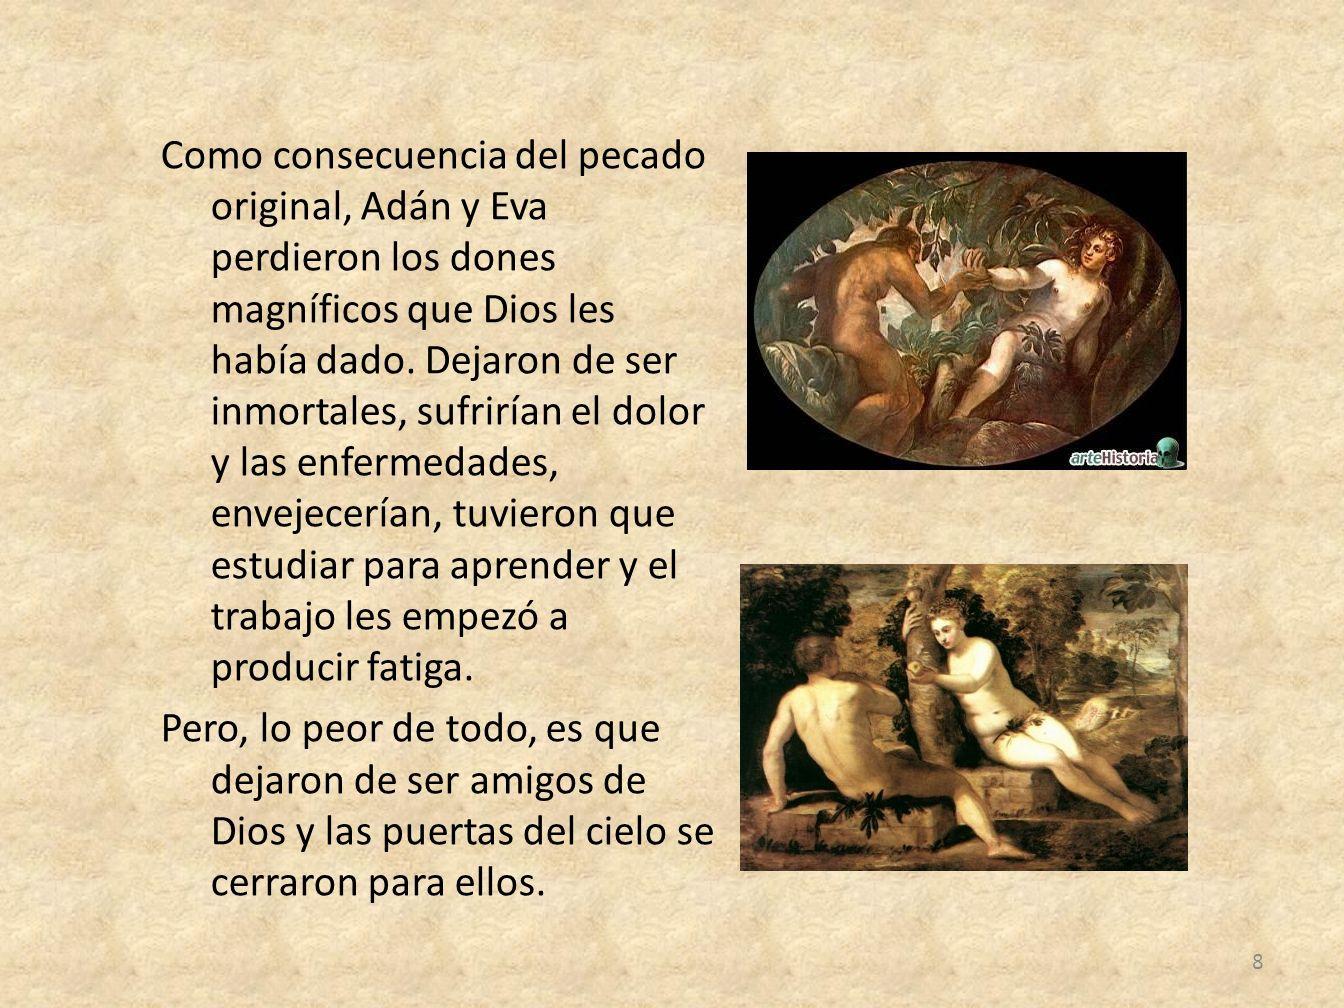 Como consecuencia del pecado original, Adán y Eva perdieron los dones magníficos que Dios les había dado.